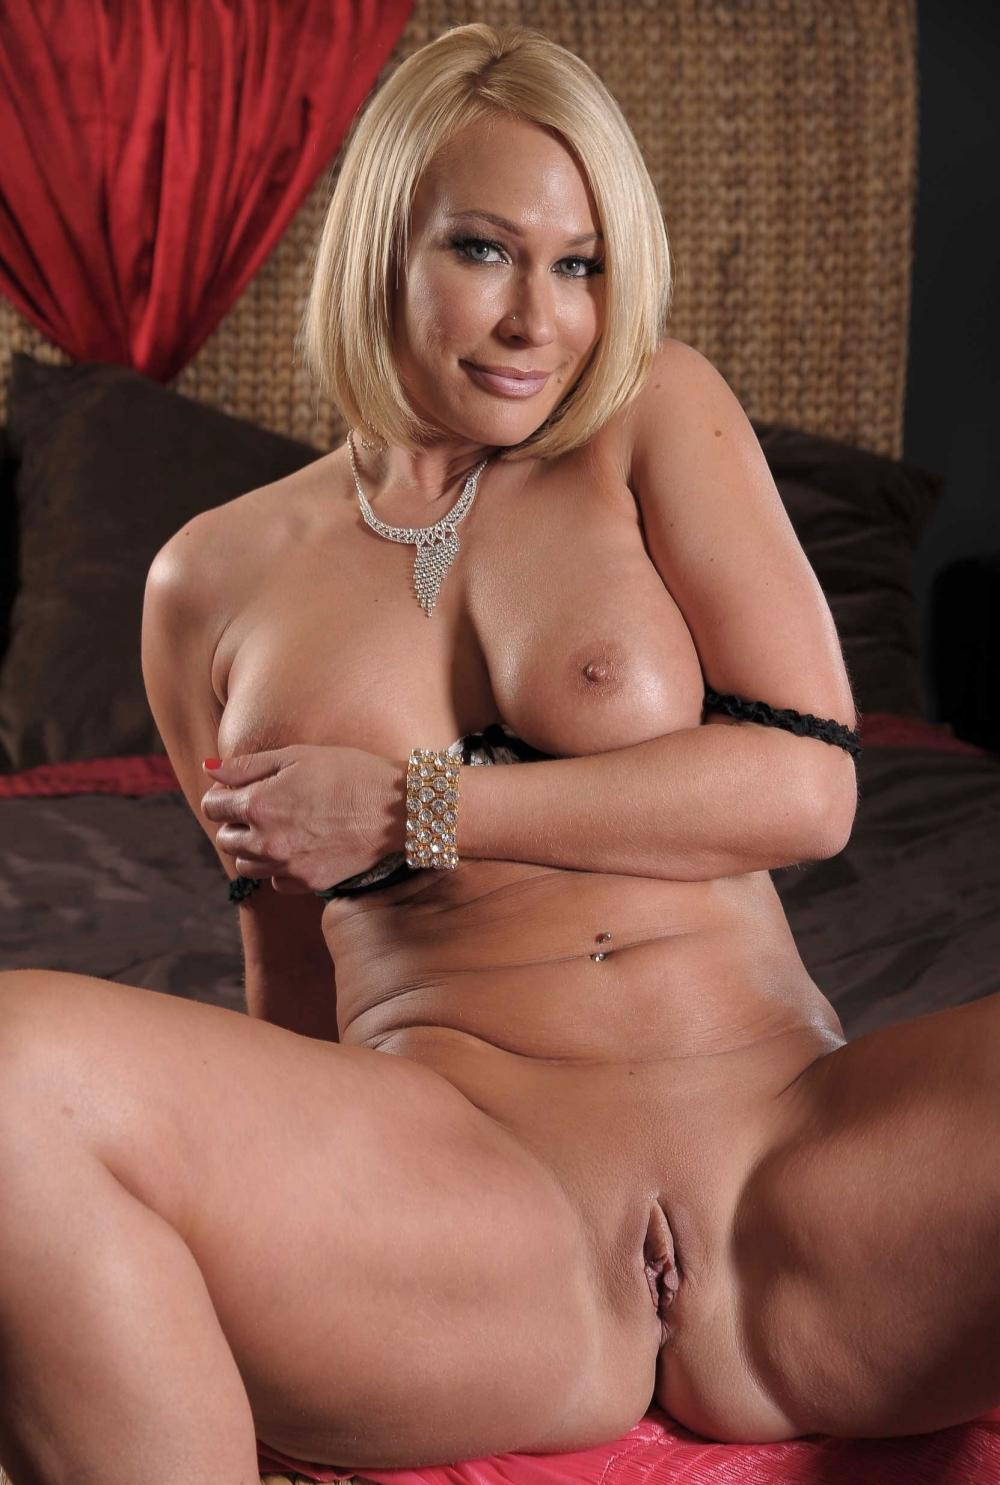 Красивые голые зрелые женщины блондинка сидит правой рукой поддерживает свои шикарные сиськи, в пупке пирсинг, ноги расставила показывая свою аппетитную киску